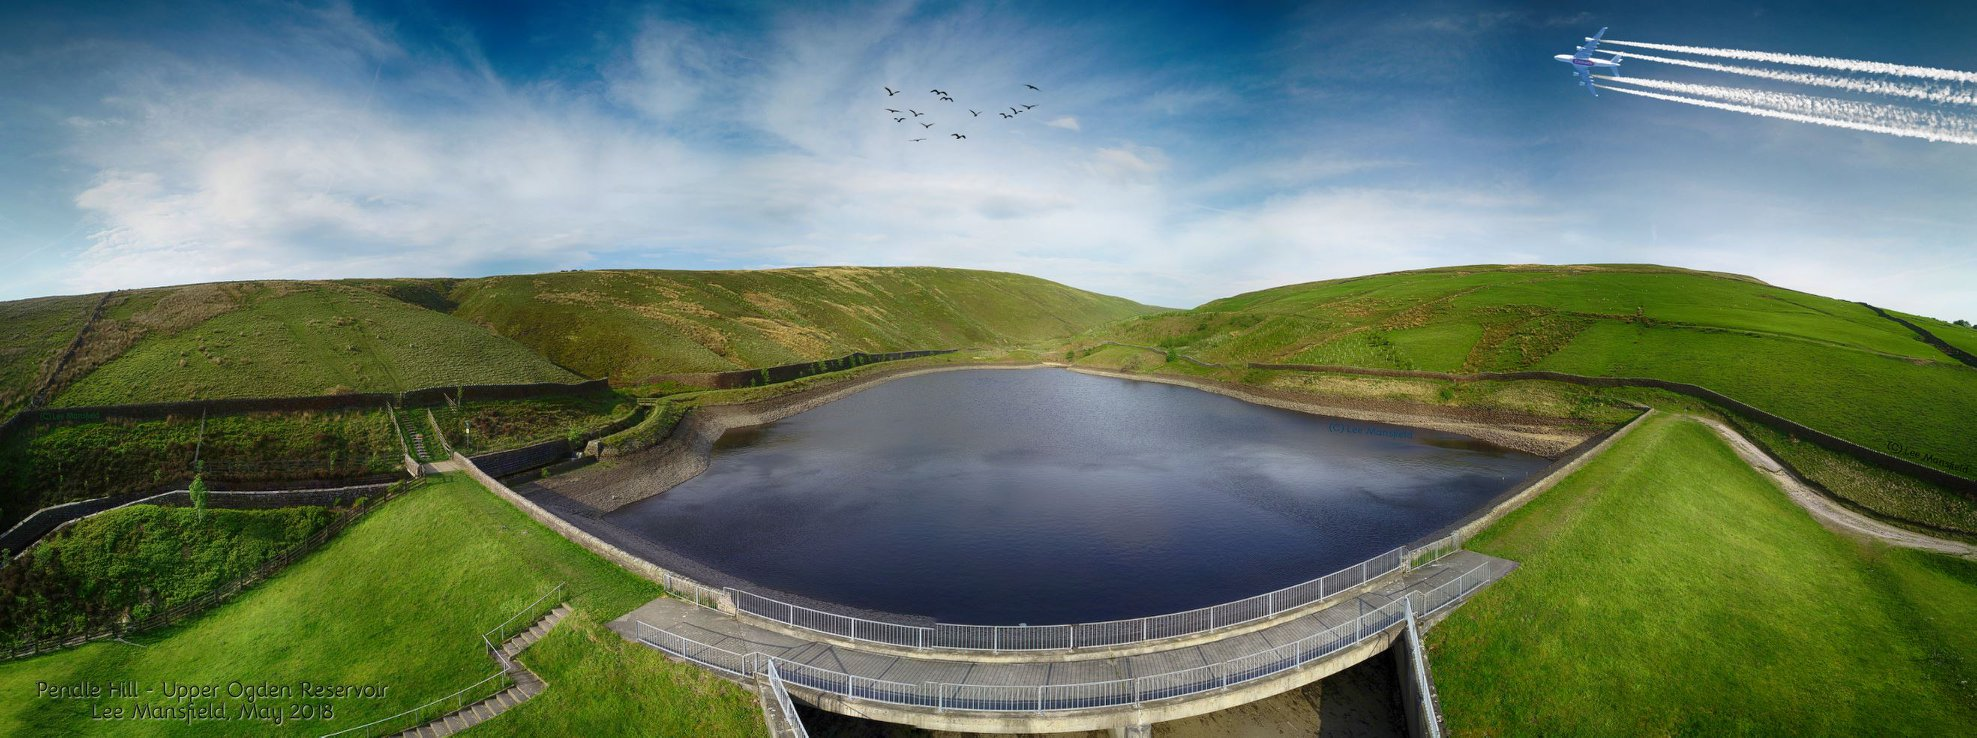 Pendle Hill - Upper Ogden Reservoir